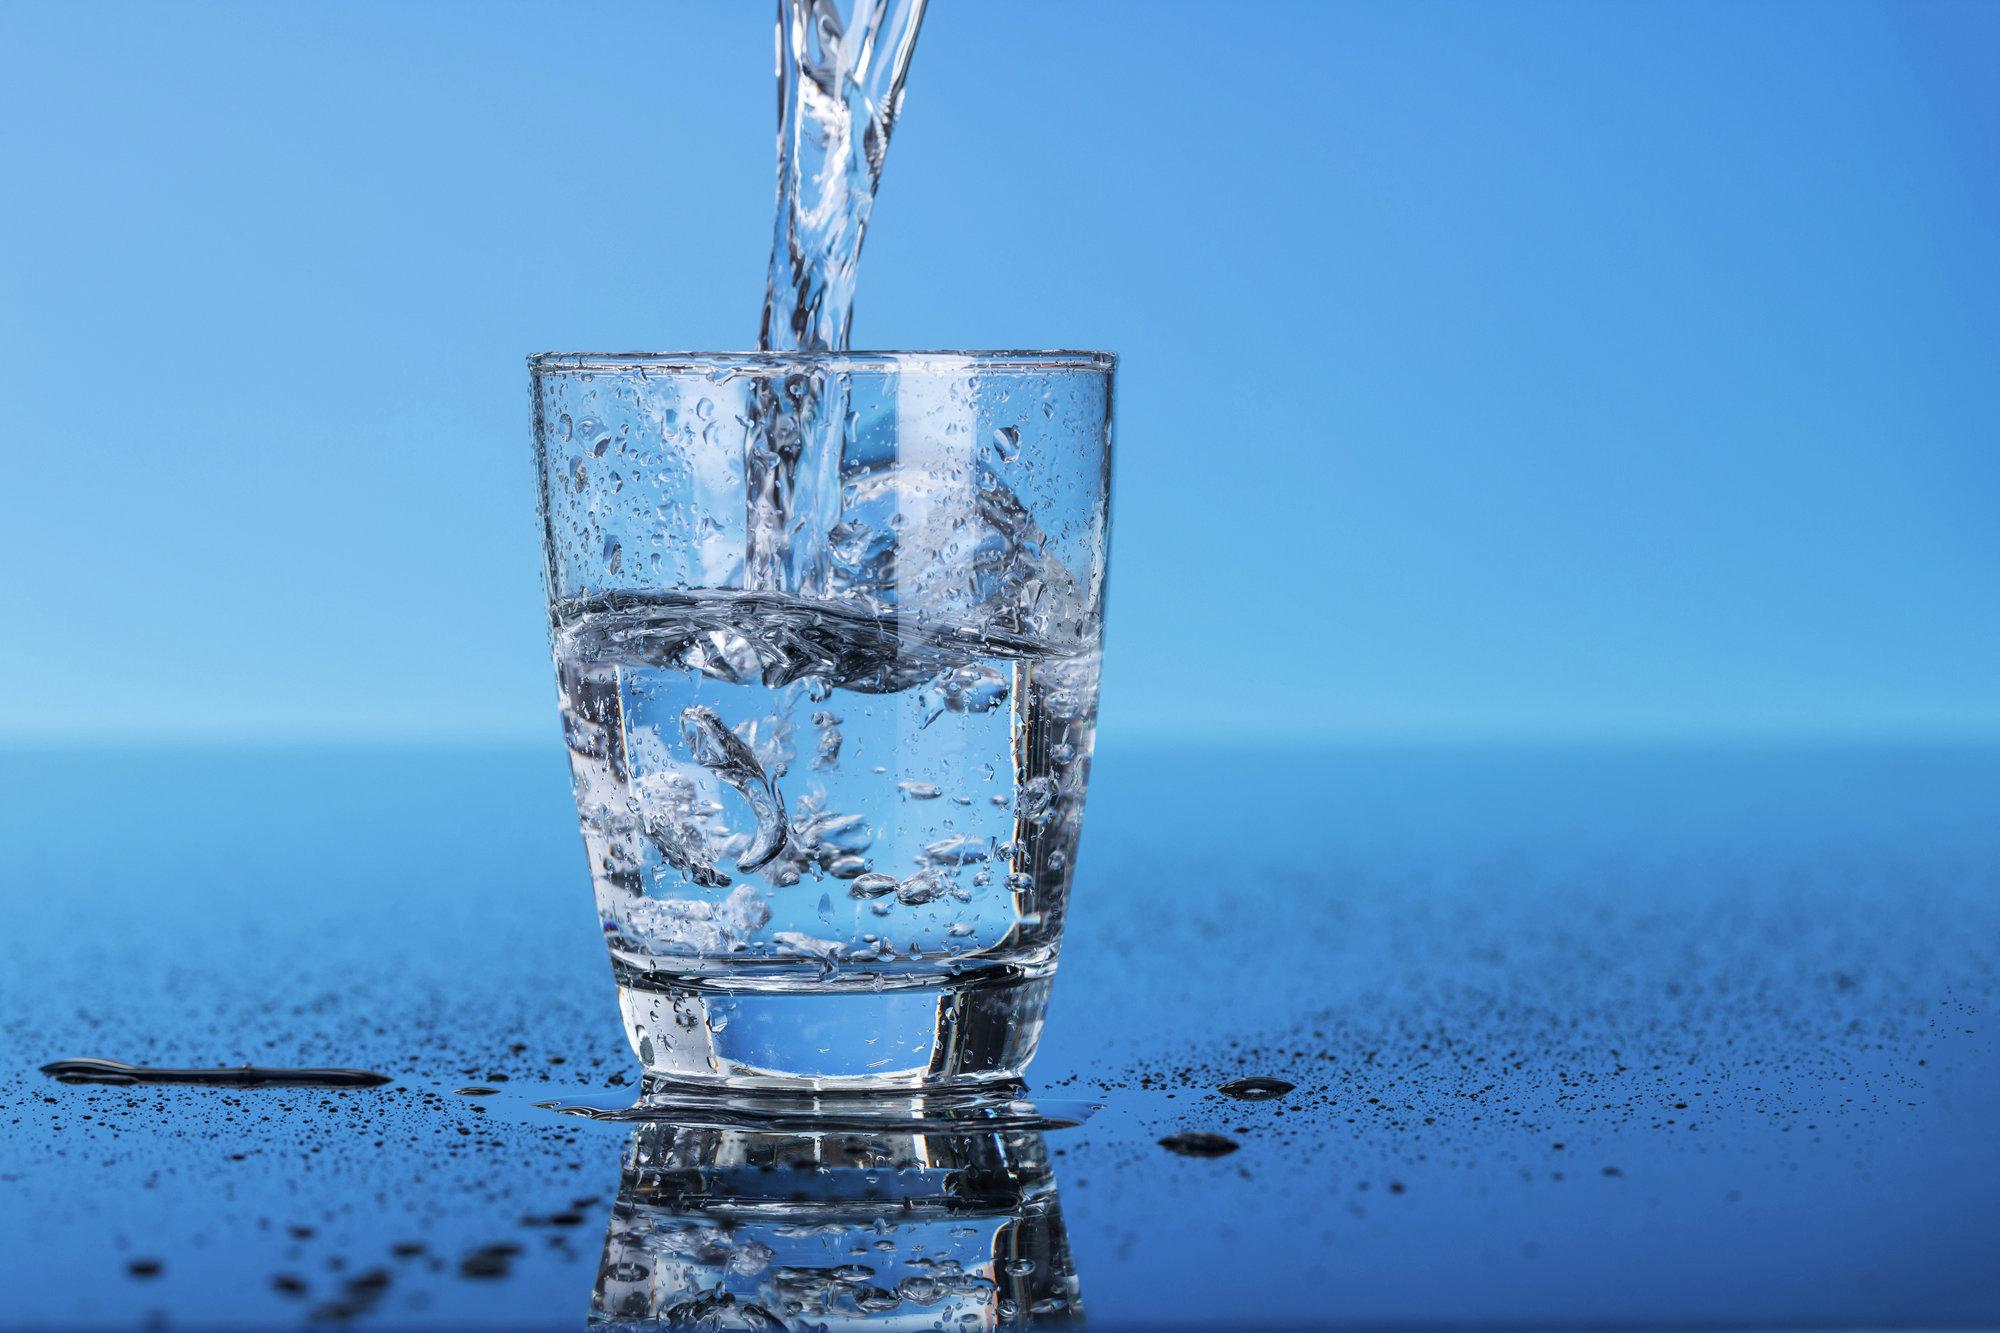 Киевляне перестанут употреблять опасную воду из-под крана